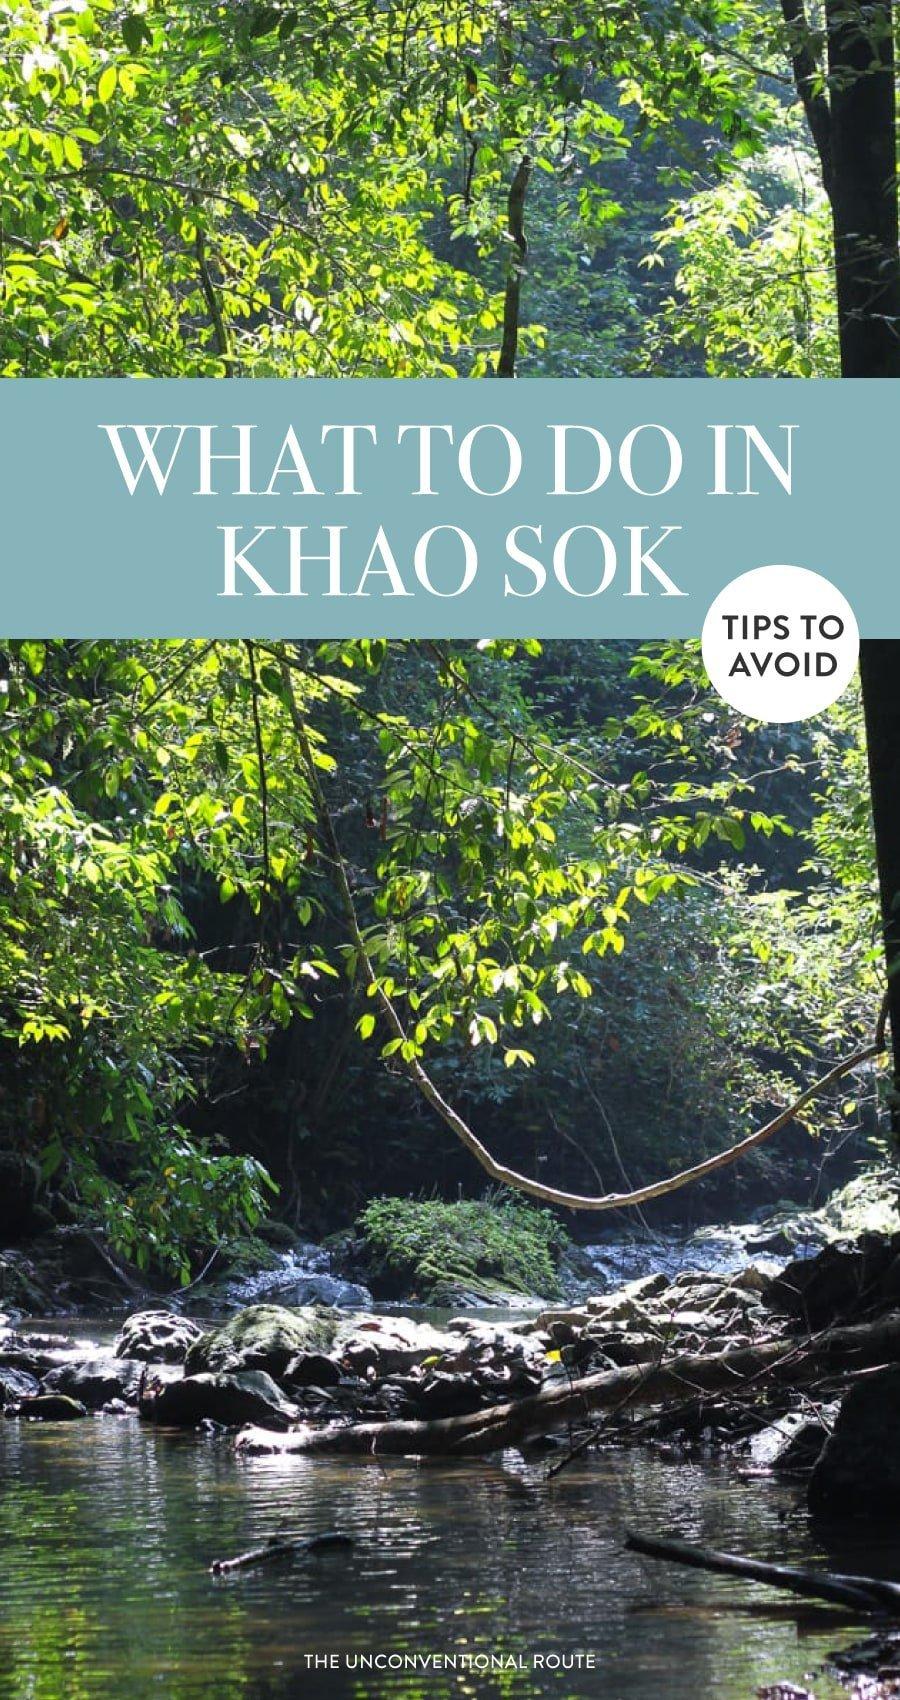 Hiking in Khao Sok